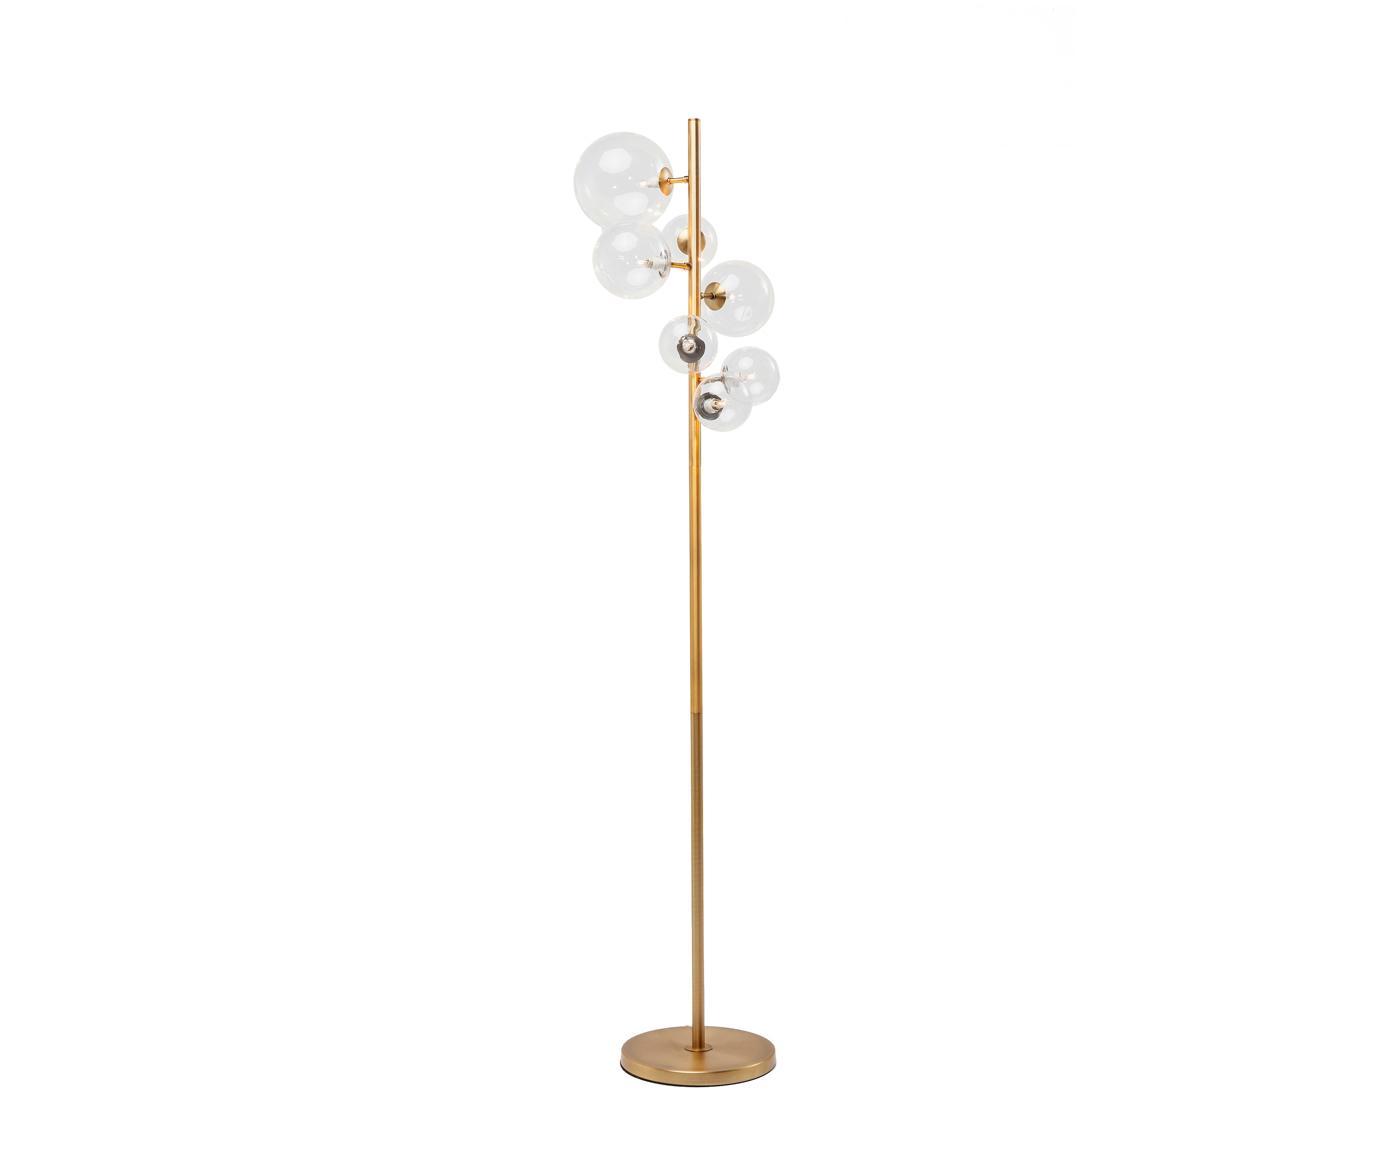 Stehlampe Bello Sette, mehrflammig, Lampenfuß: Stahl, vermessingt, Lampenschirme: TransparentFassungen: WeißLampenfuß: Messing, 42 x 162 cm